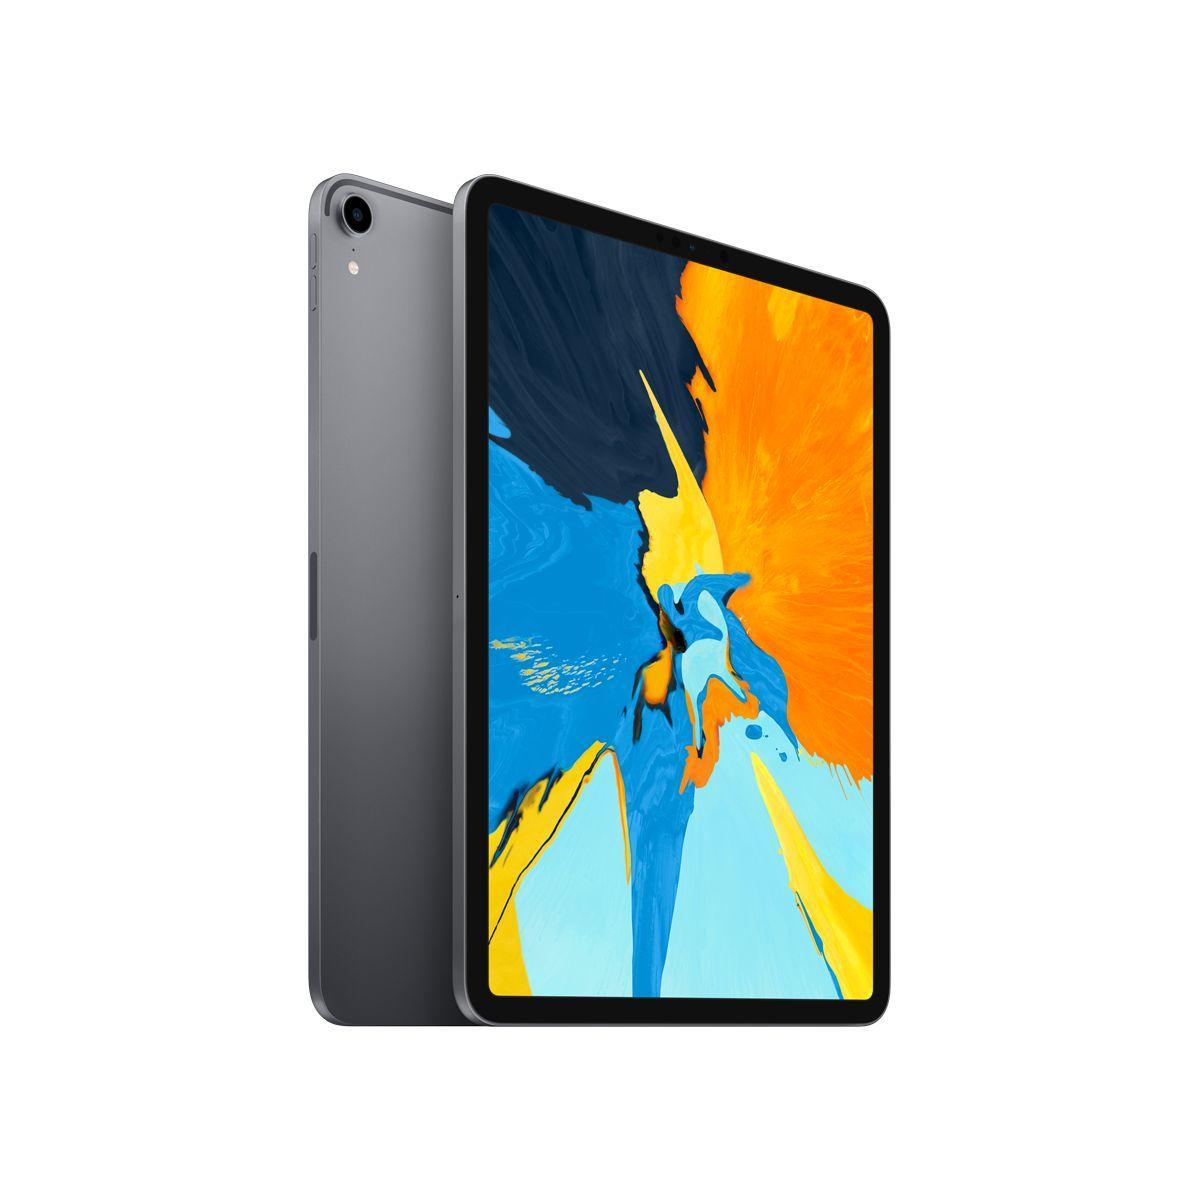 Tablette apple ipad pro new 11' 512go gris sid�ral - livraison offerte : code livrelais (photo)